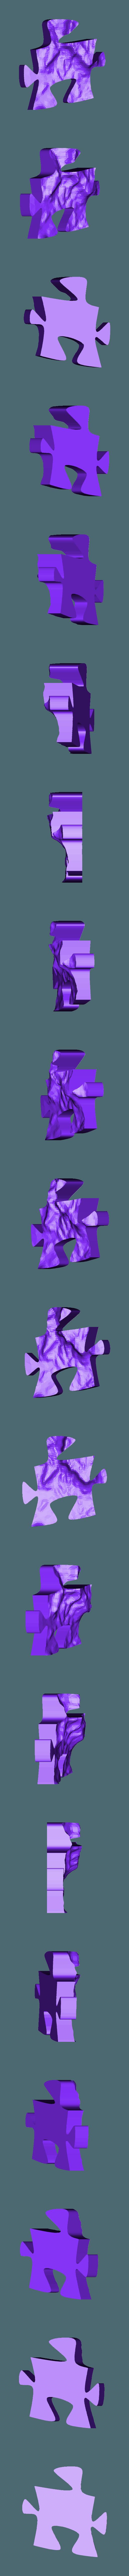 37.stl Télécharger fichier STL gratuit Echelle épique - Terrain - Zion NP • Objet à imprimer en 3D, TCP491016